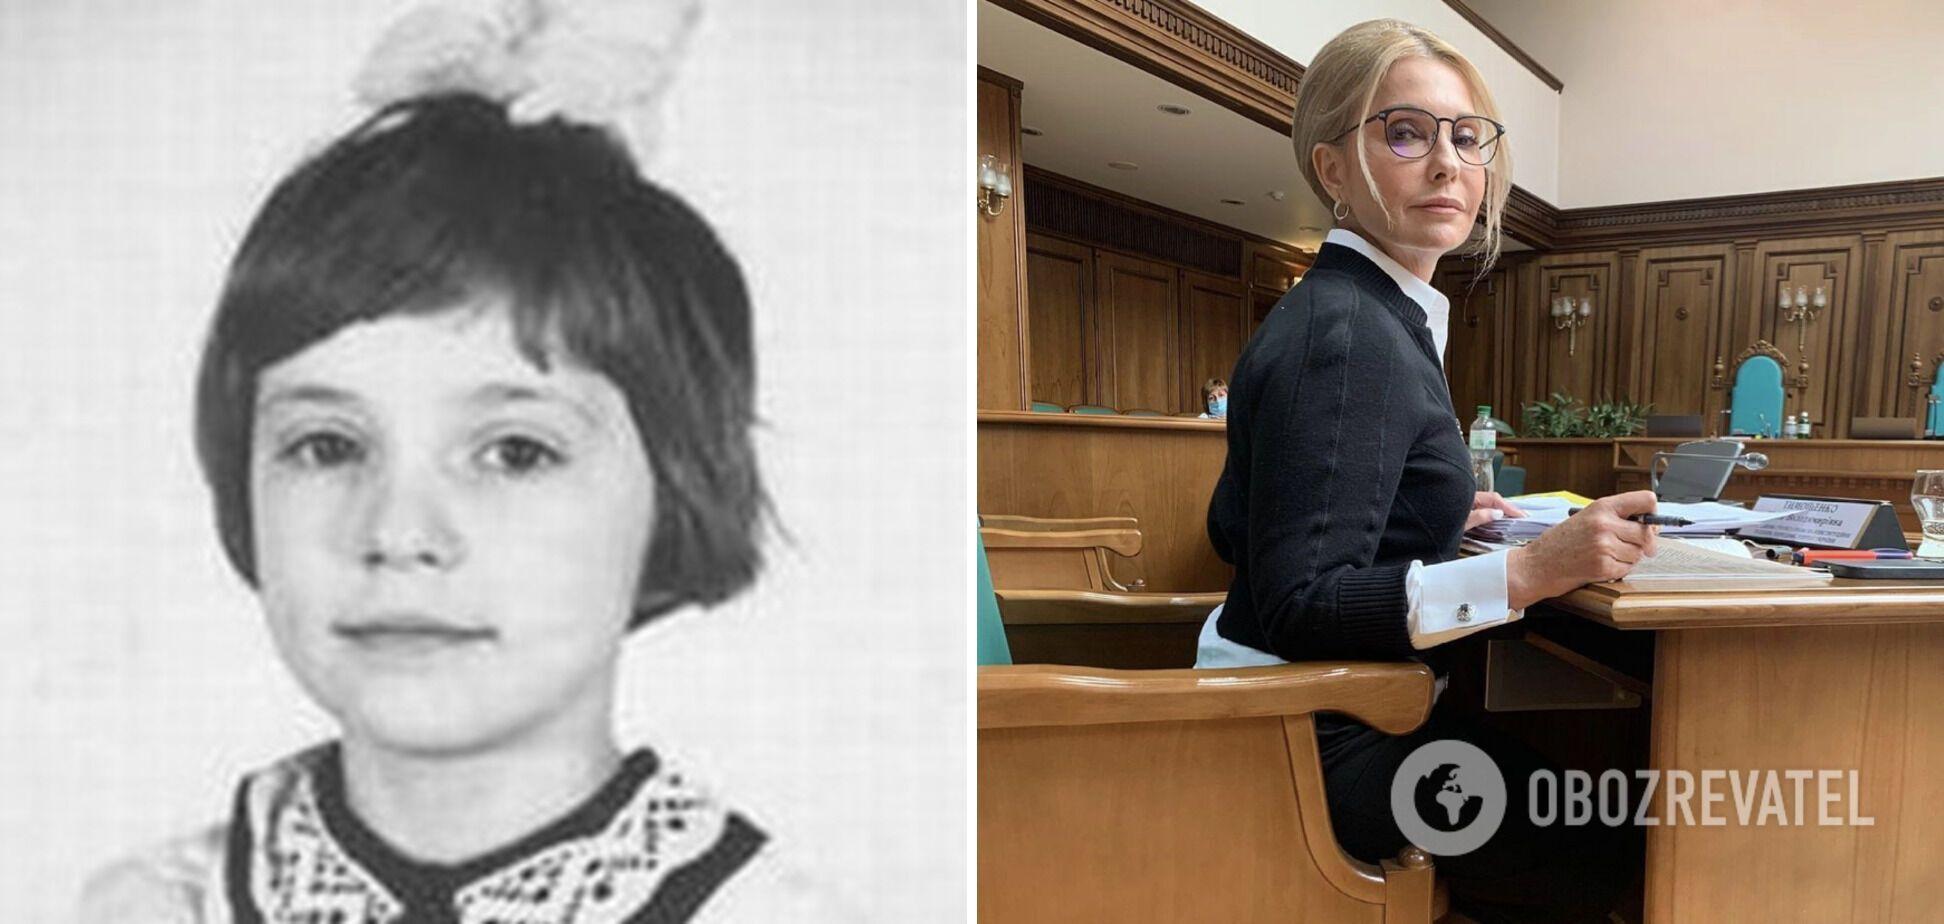 Юлія Тимошенко була відмінницею